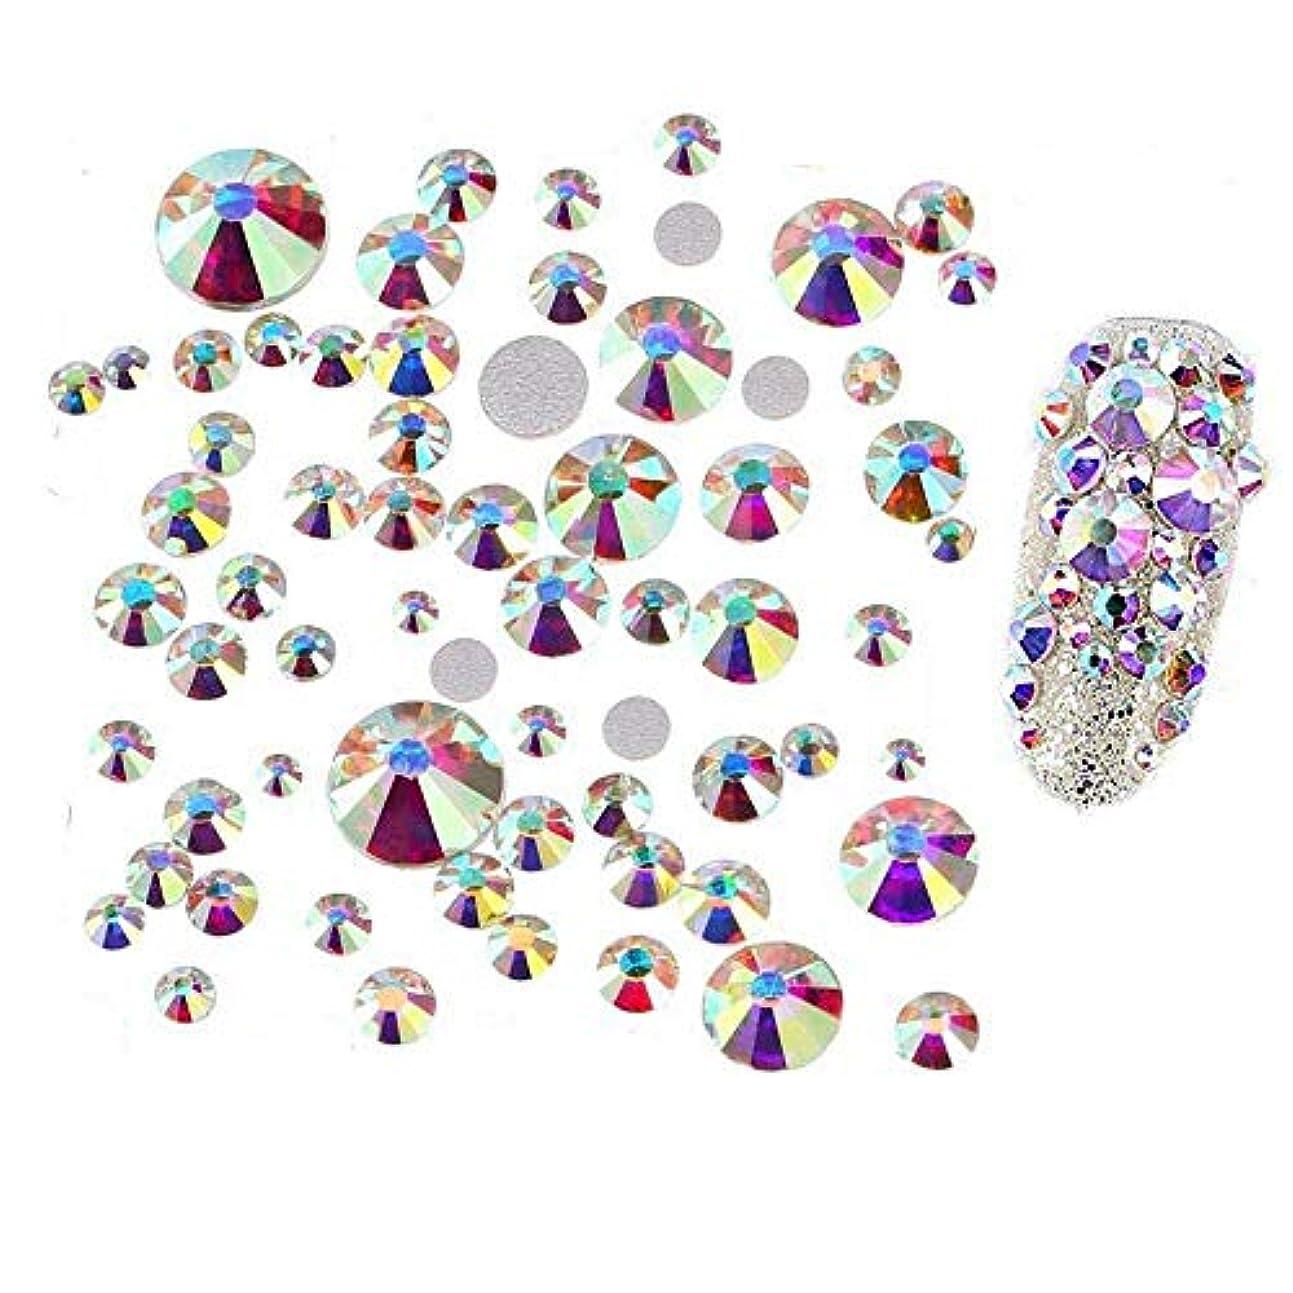 市場ファンド円形の高品質 ガラスストーン オーロラ クリスタル,ラインストーン ネイル デコ ガラスストーン クリスタル ジェルネイル ネイルパーツ (約200粒)